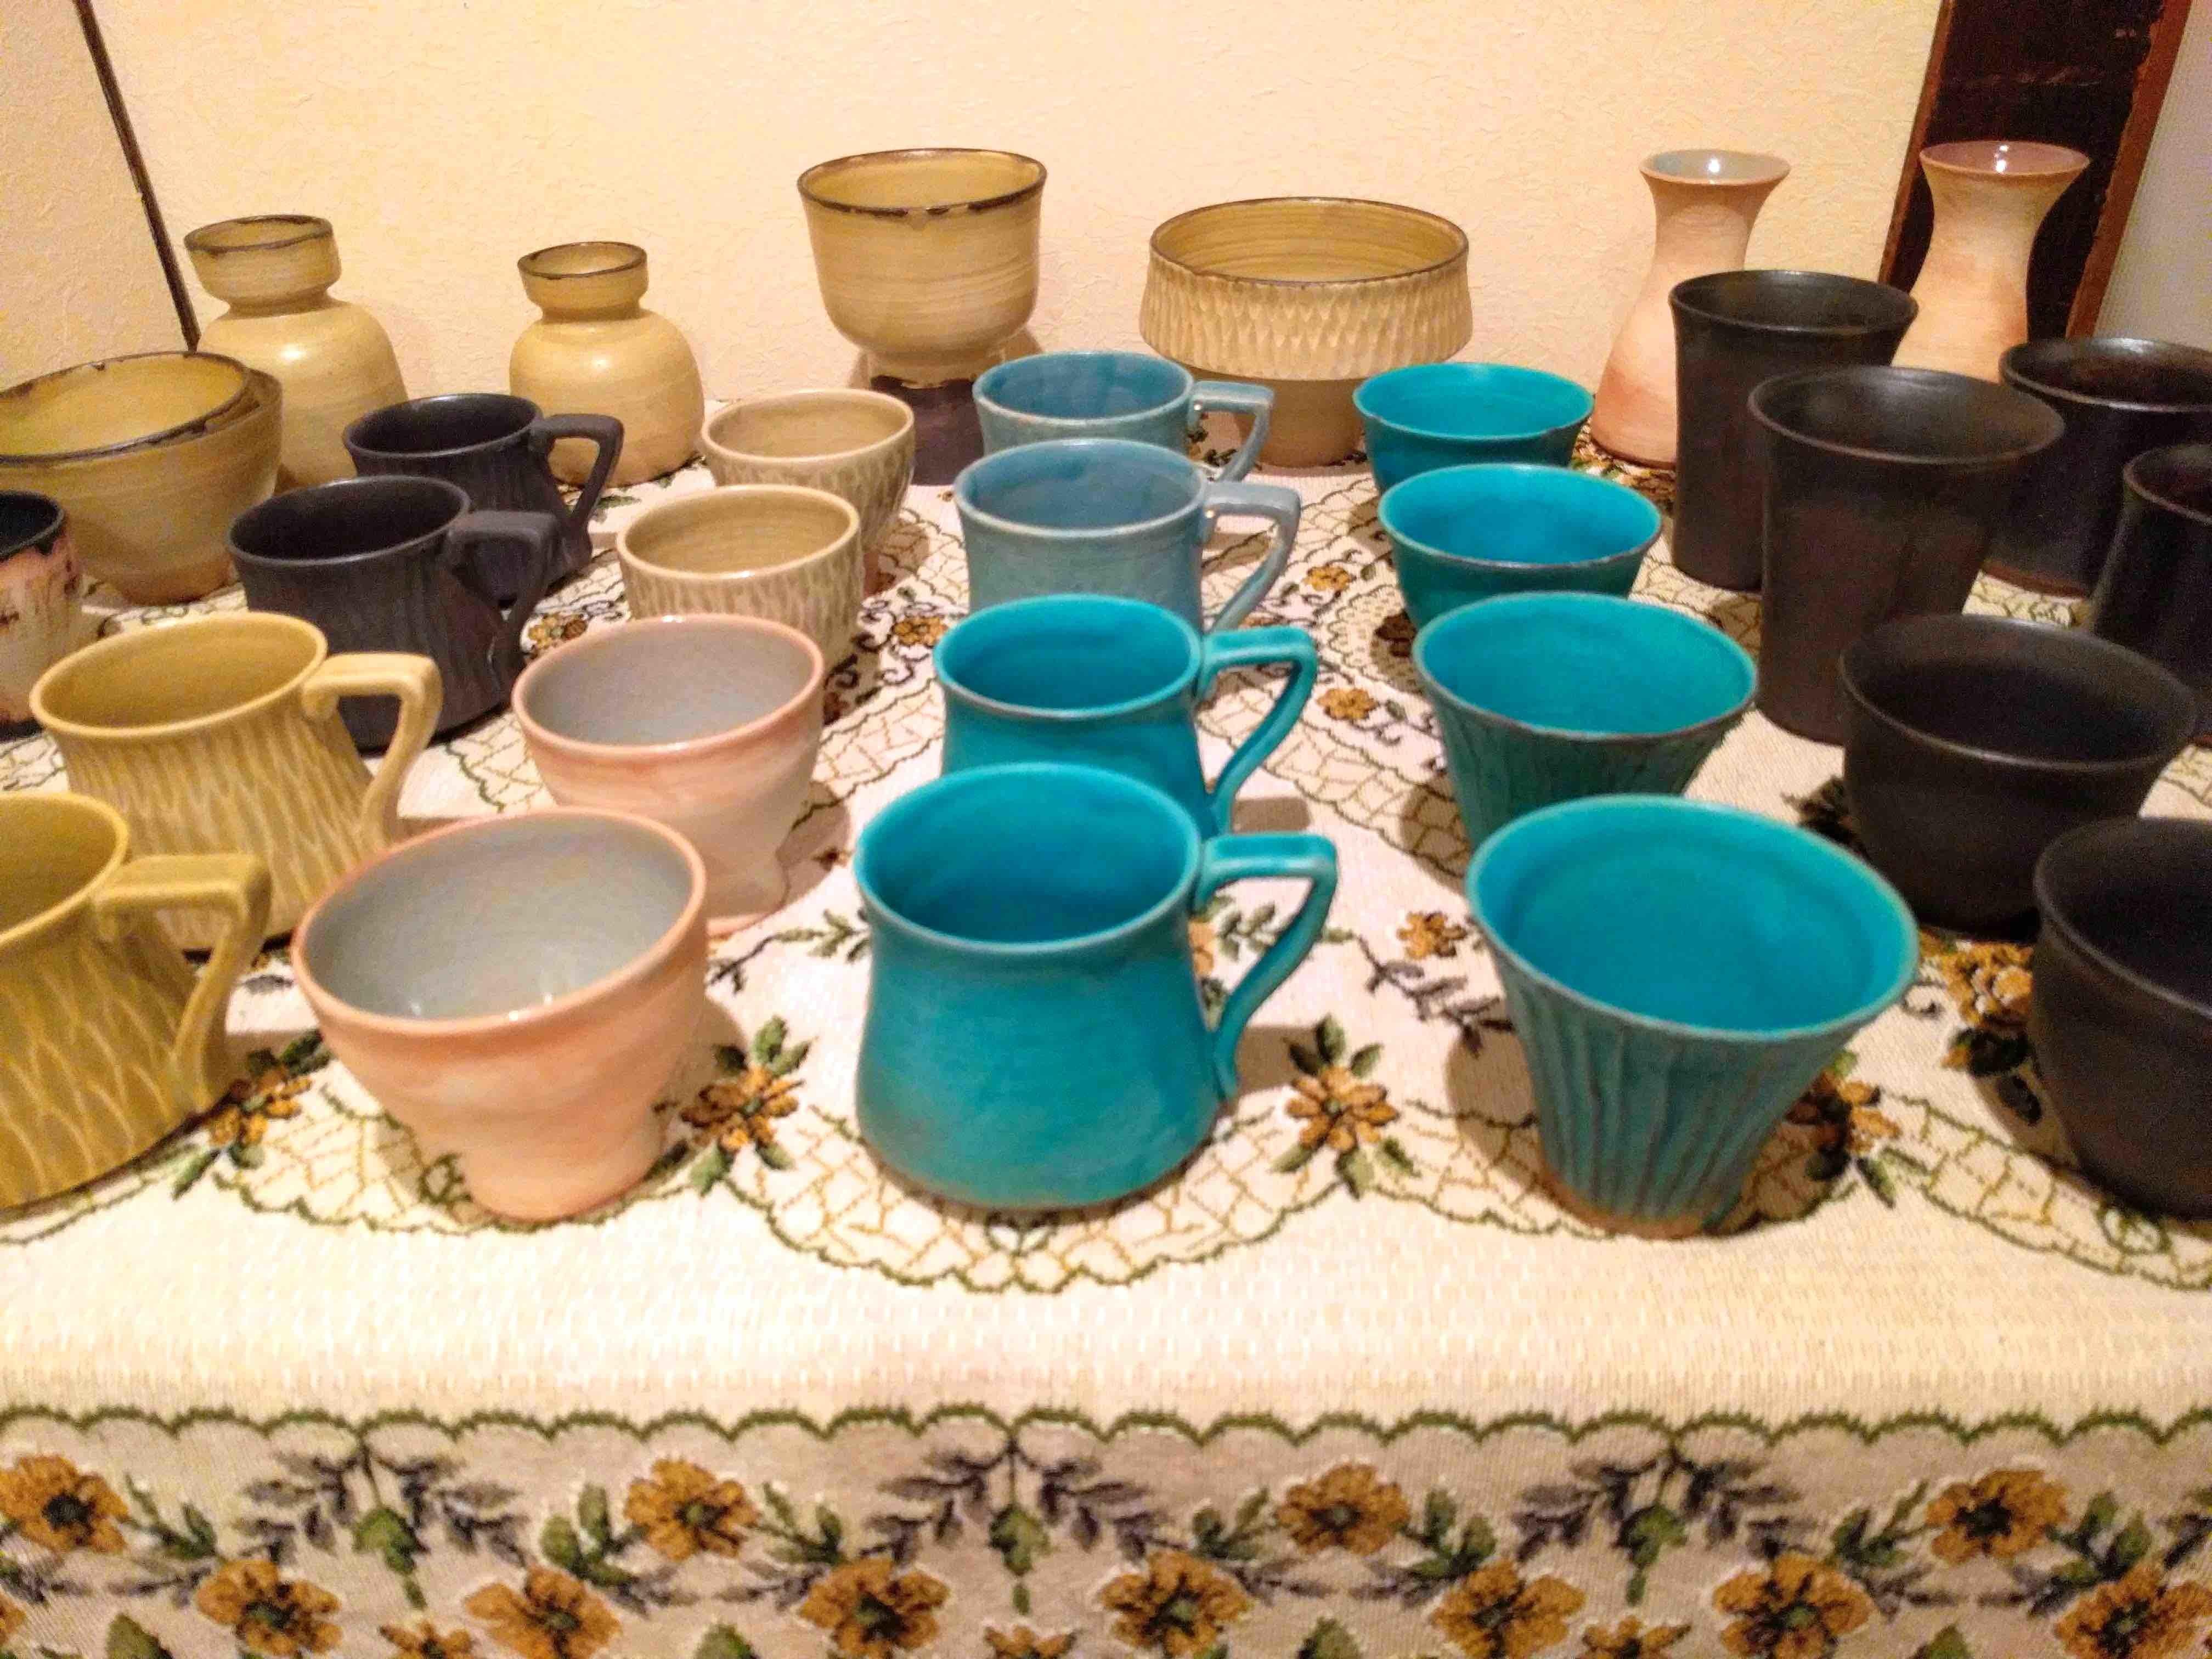 中田誠さんの陶器の展示が始まります_a0265743_22363350.jpg